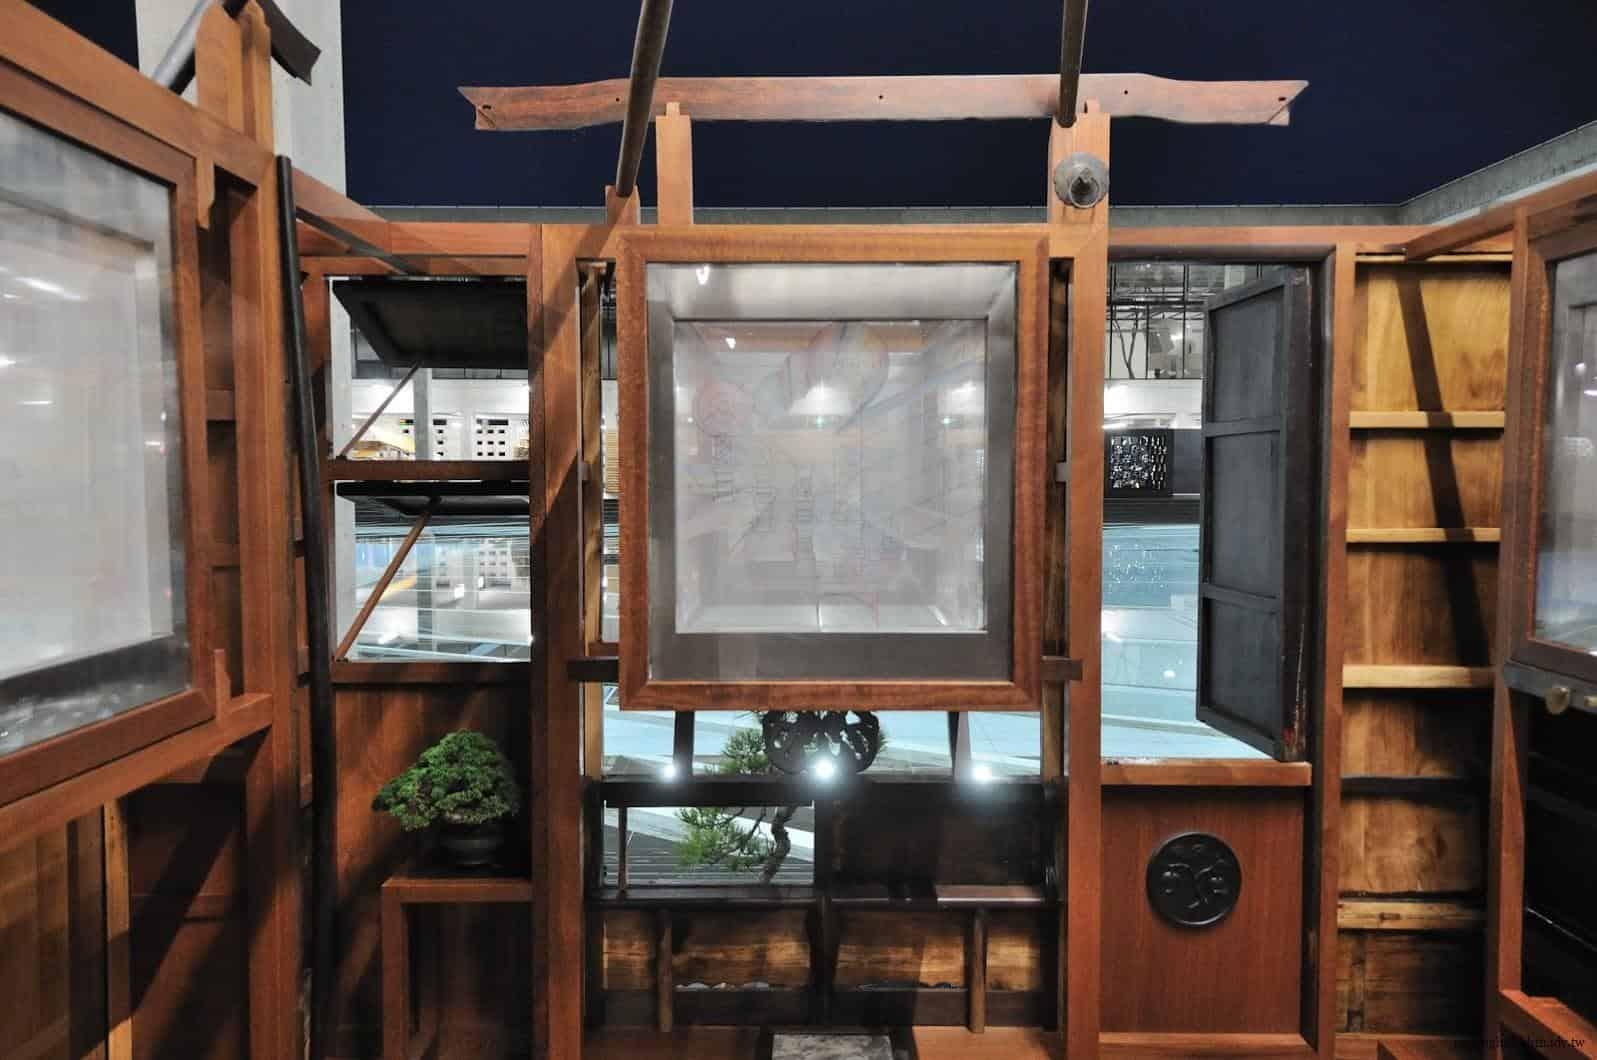 原廣司+ATELIER建築研究所,越後妻有里山現代美術館,2018企劃展「方丈記私記」,千變萬化的方格世界,讓藝術家們在長寬高皆約3公尺的「一方丈」空間裡,打造出他們想像中的世界 越後妻有里山現代美術館 越後妻有里山現代美術館 echigo tsumari kouryukan echigo tsumari exchange center 31